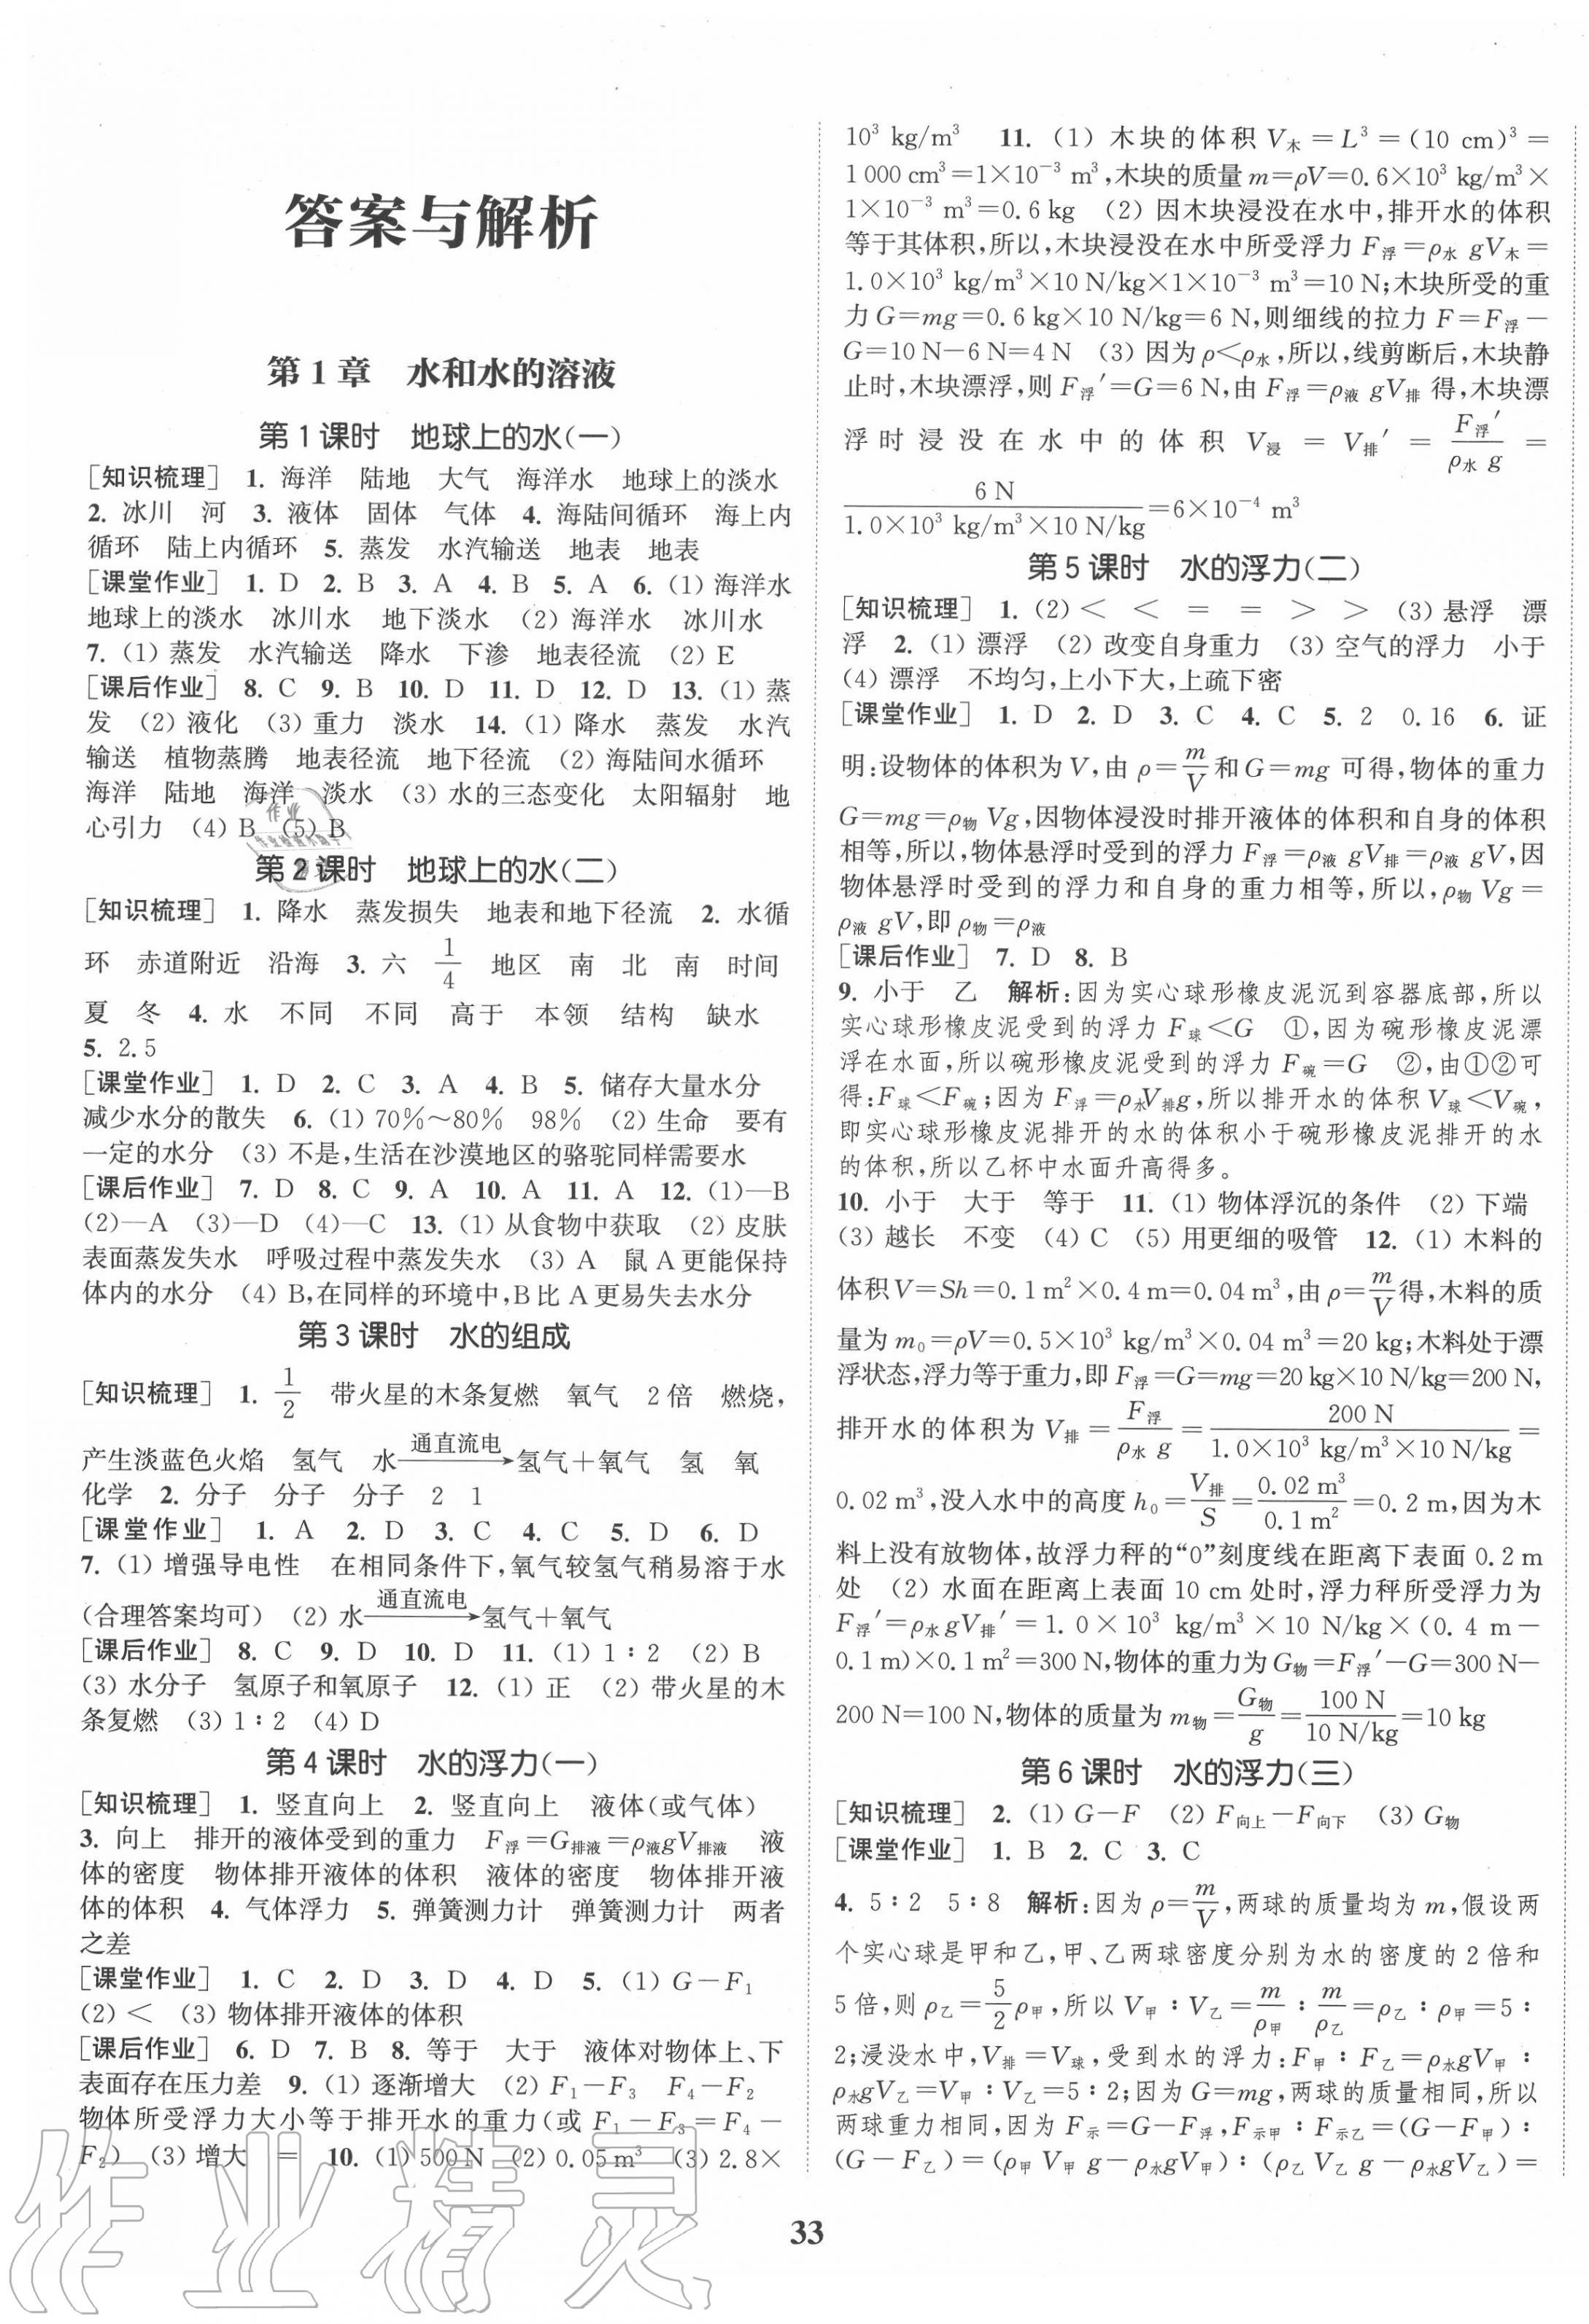 2020年通城学典课时作业本八年级科学上册浙教版第1页